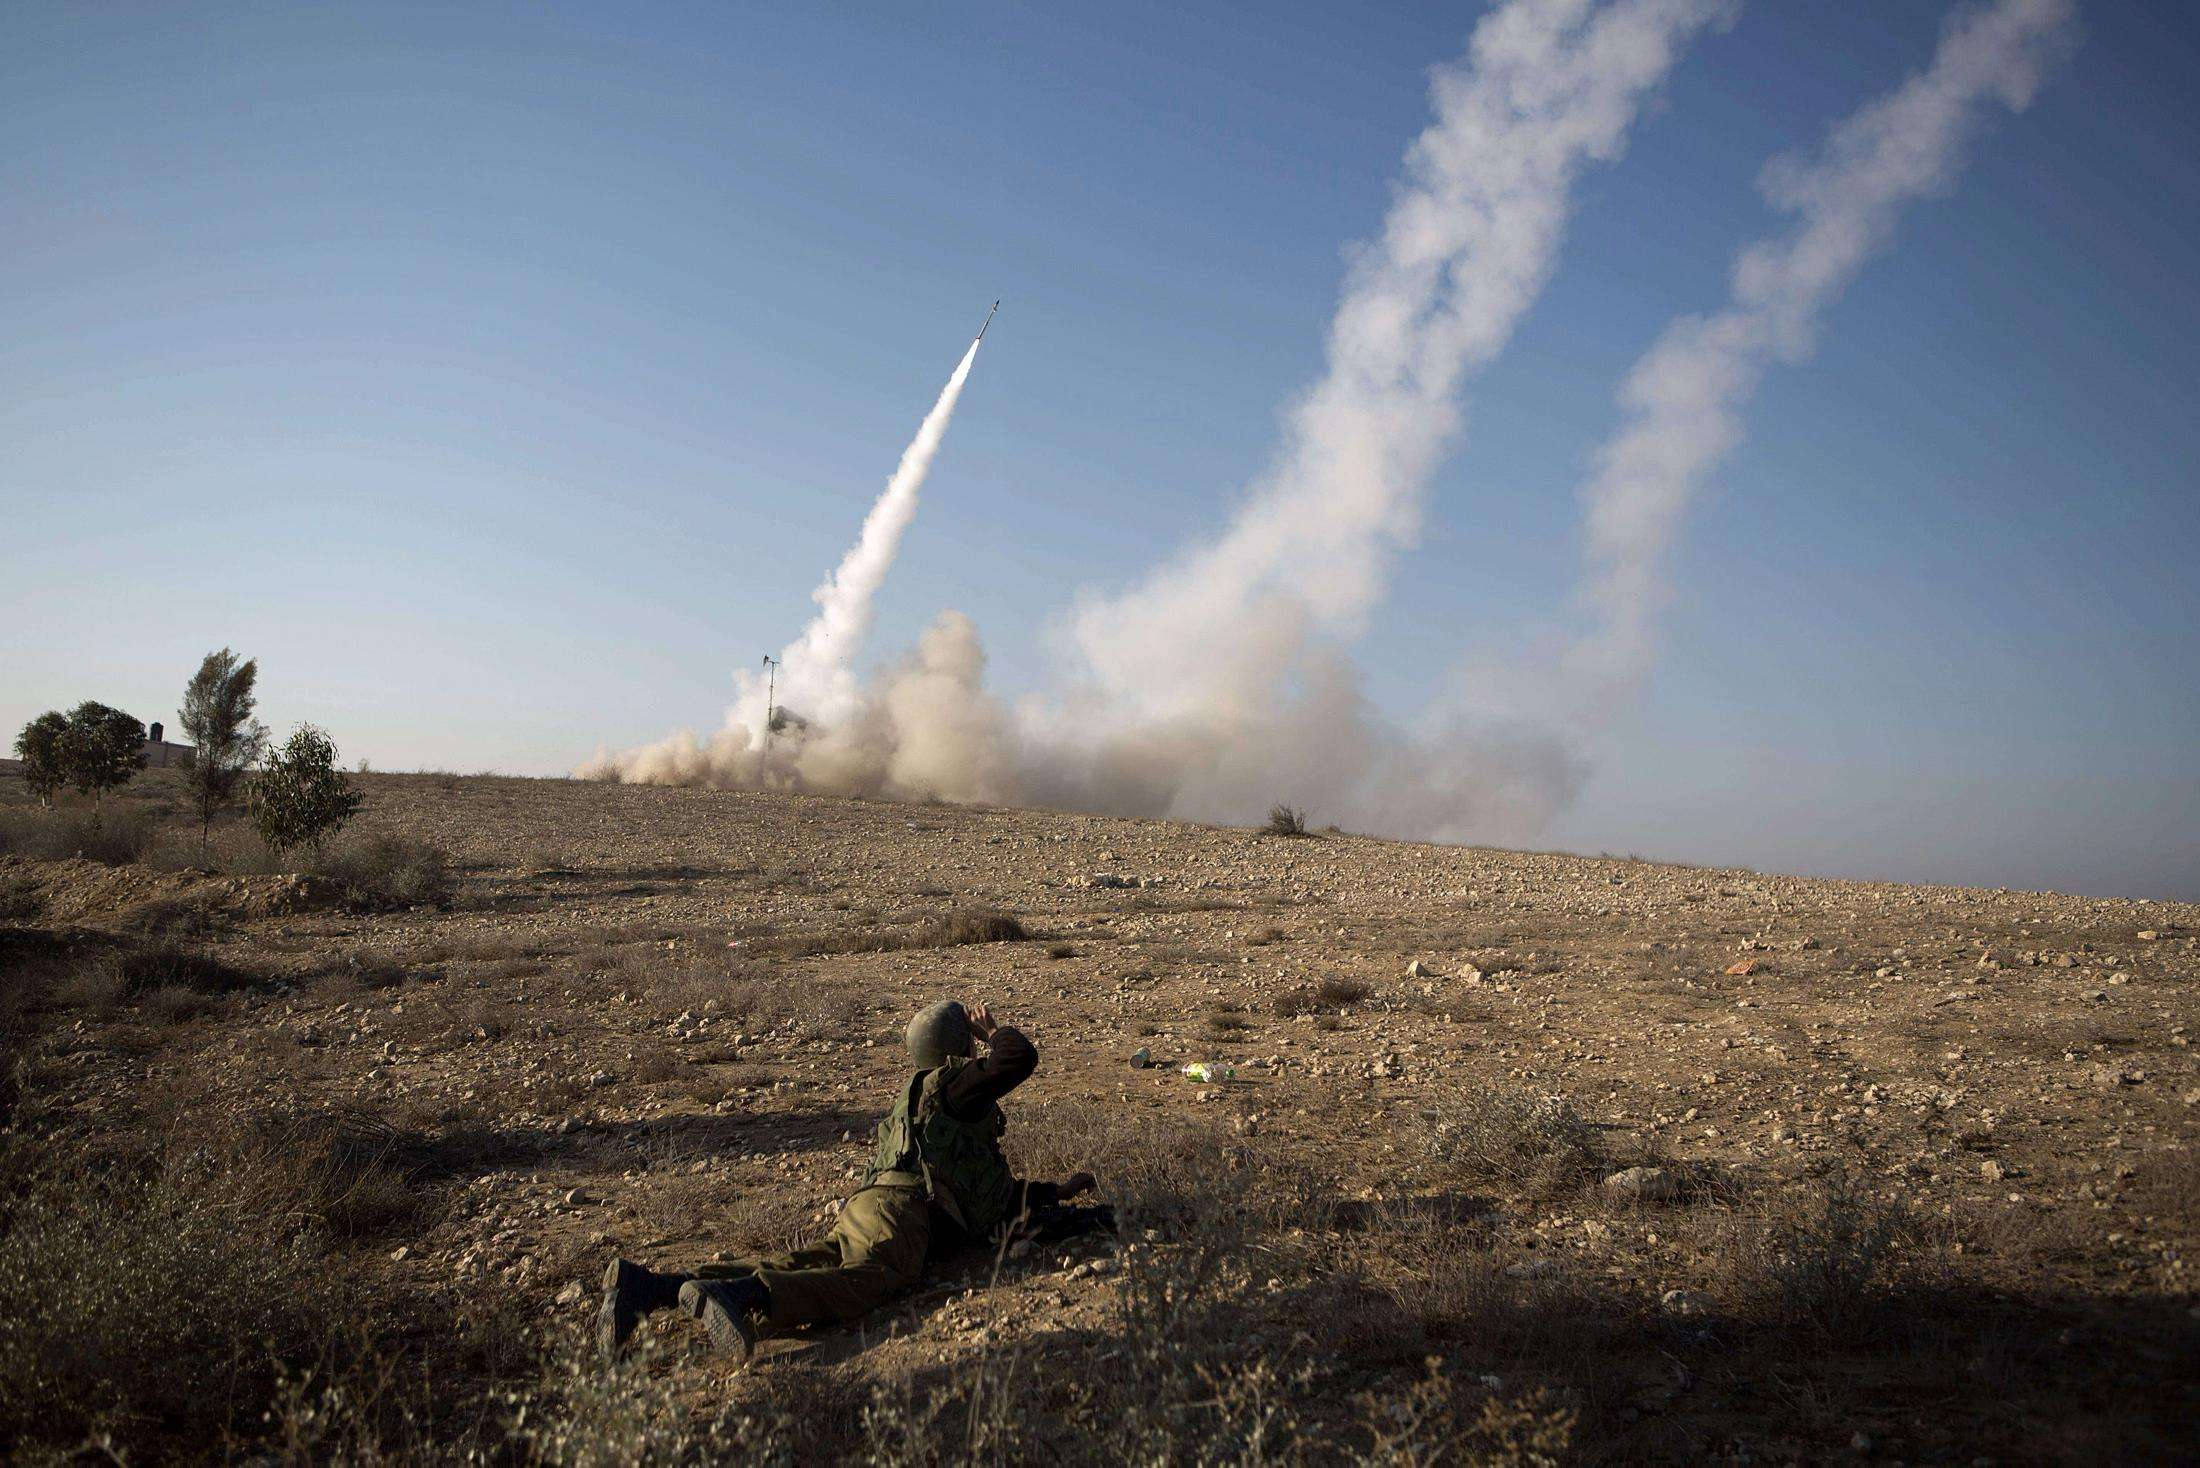 军机处第219期 以军打击叙利亚会引爆中东大战吗?